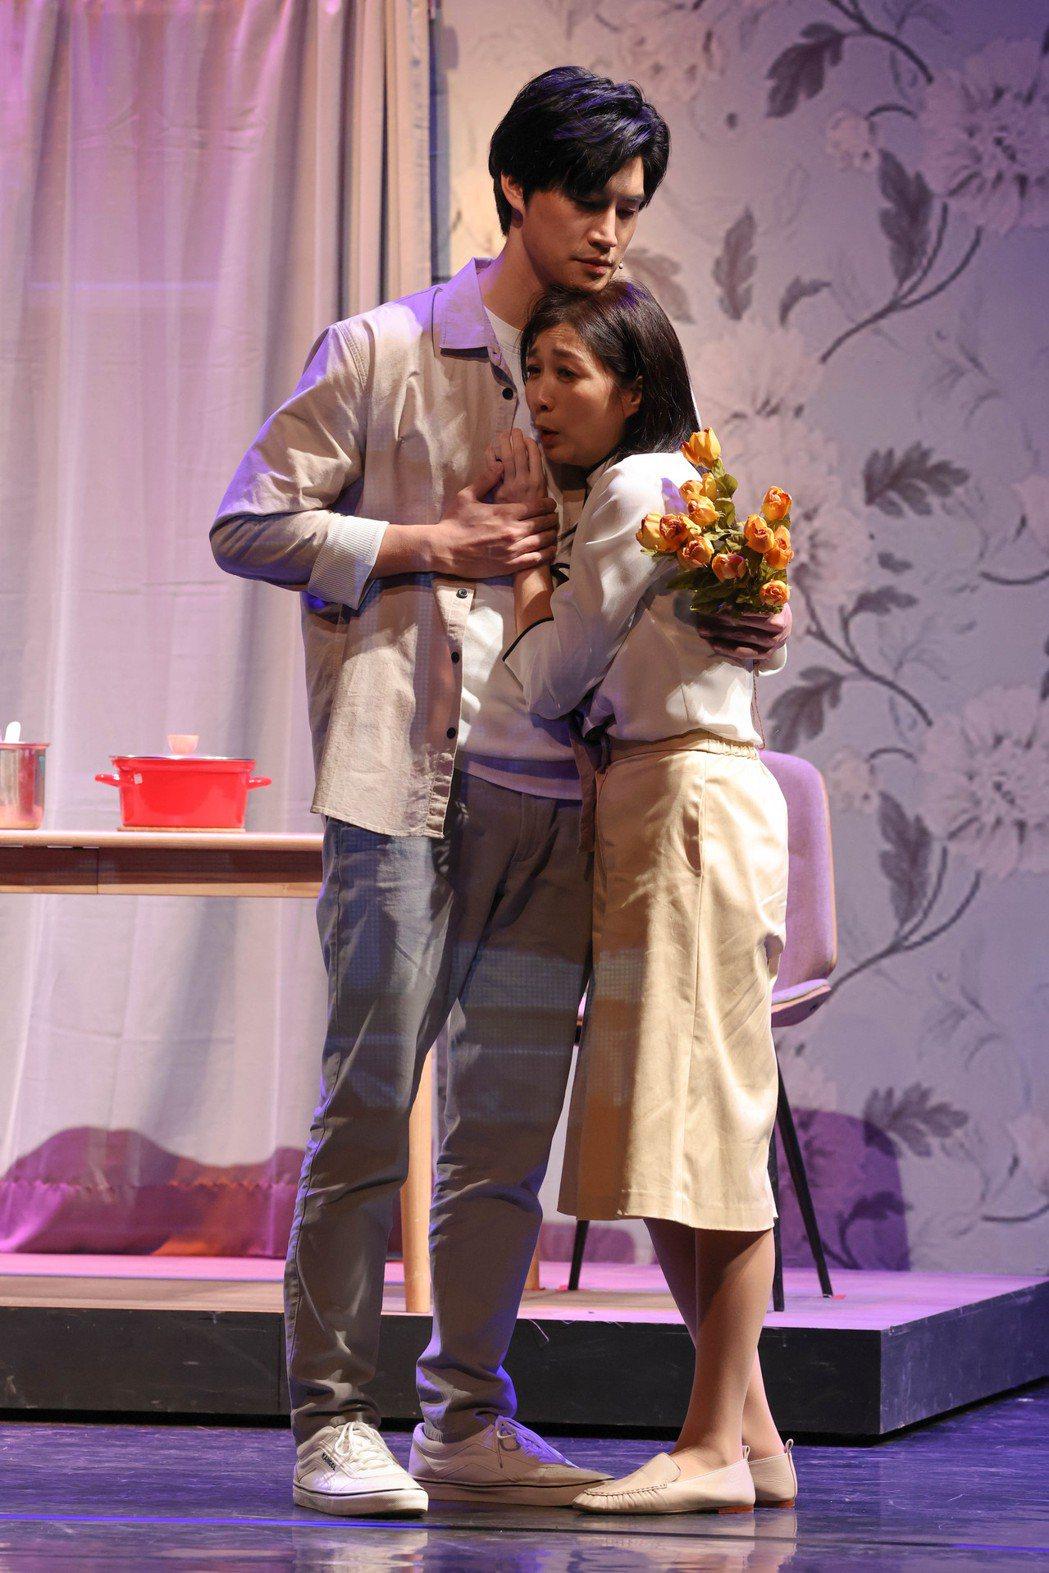 黃嘉千(右)、羅宏正演出舞台劇「暫時停止青春」。記者沈昱嘉/攝影